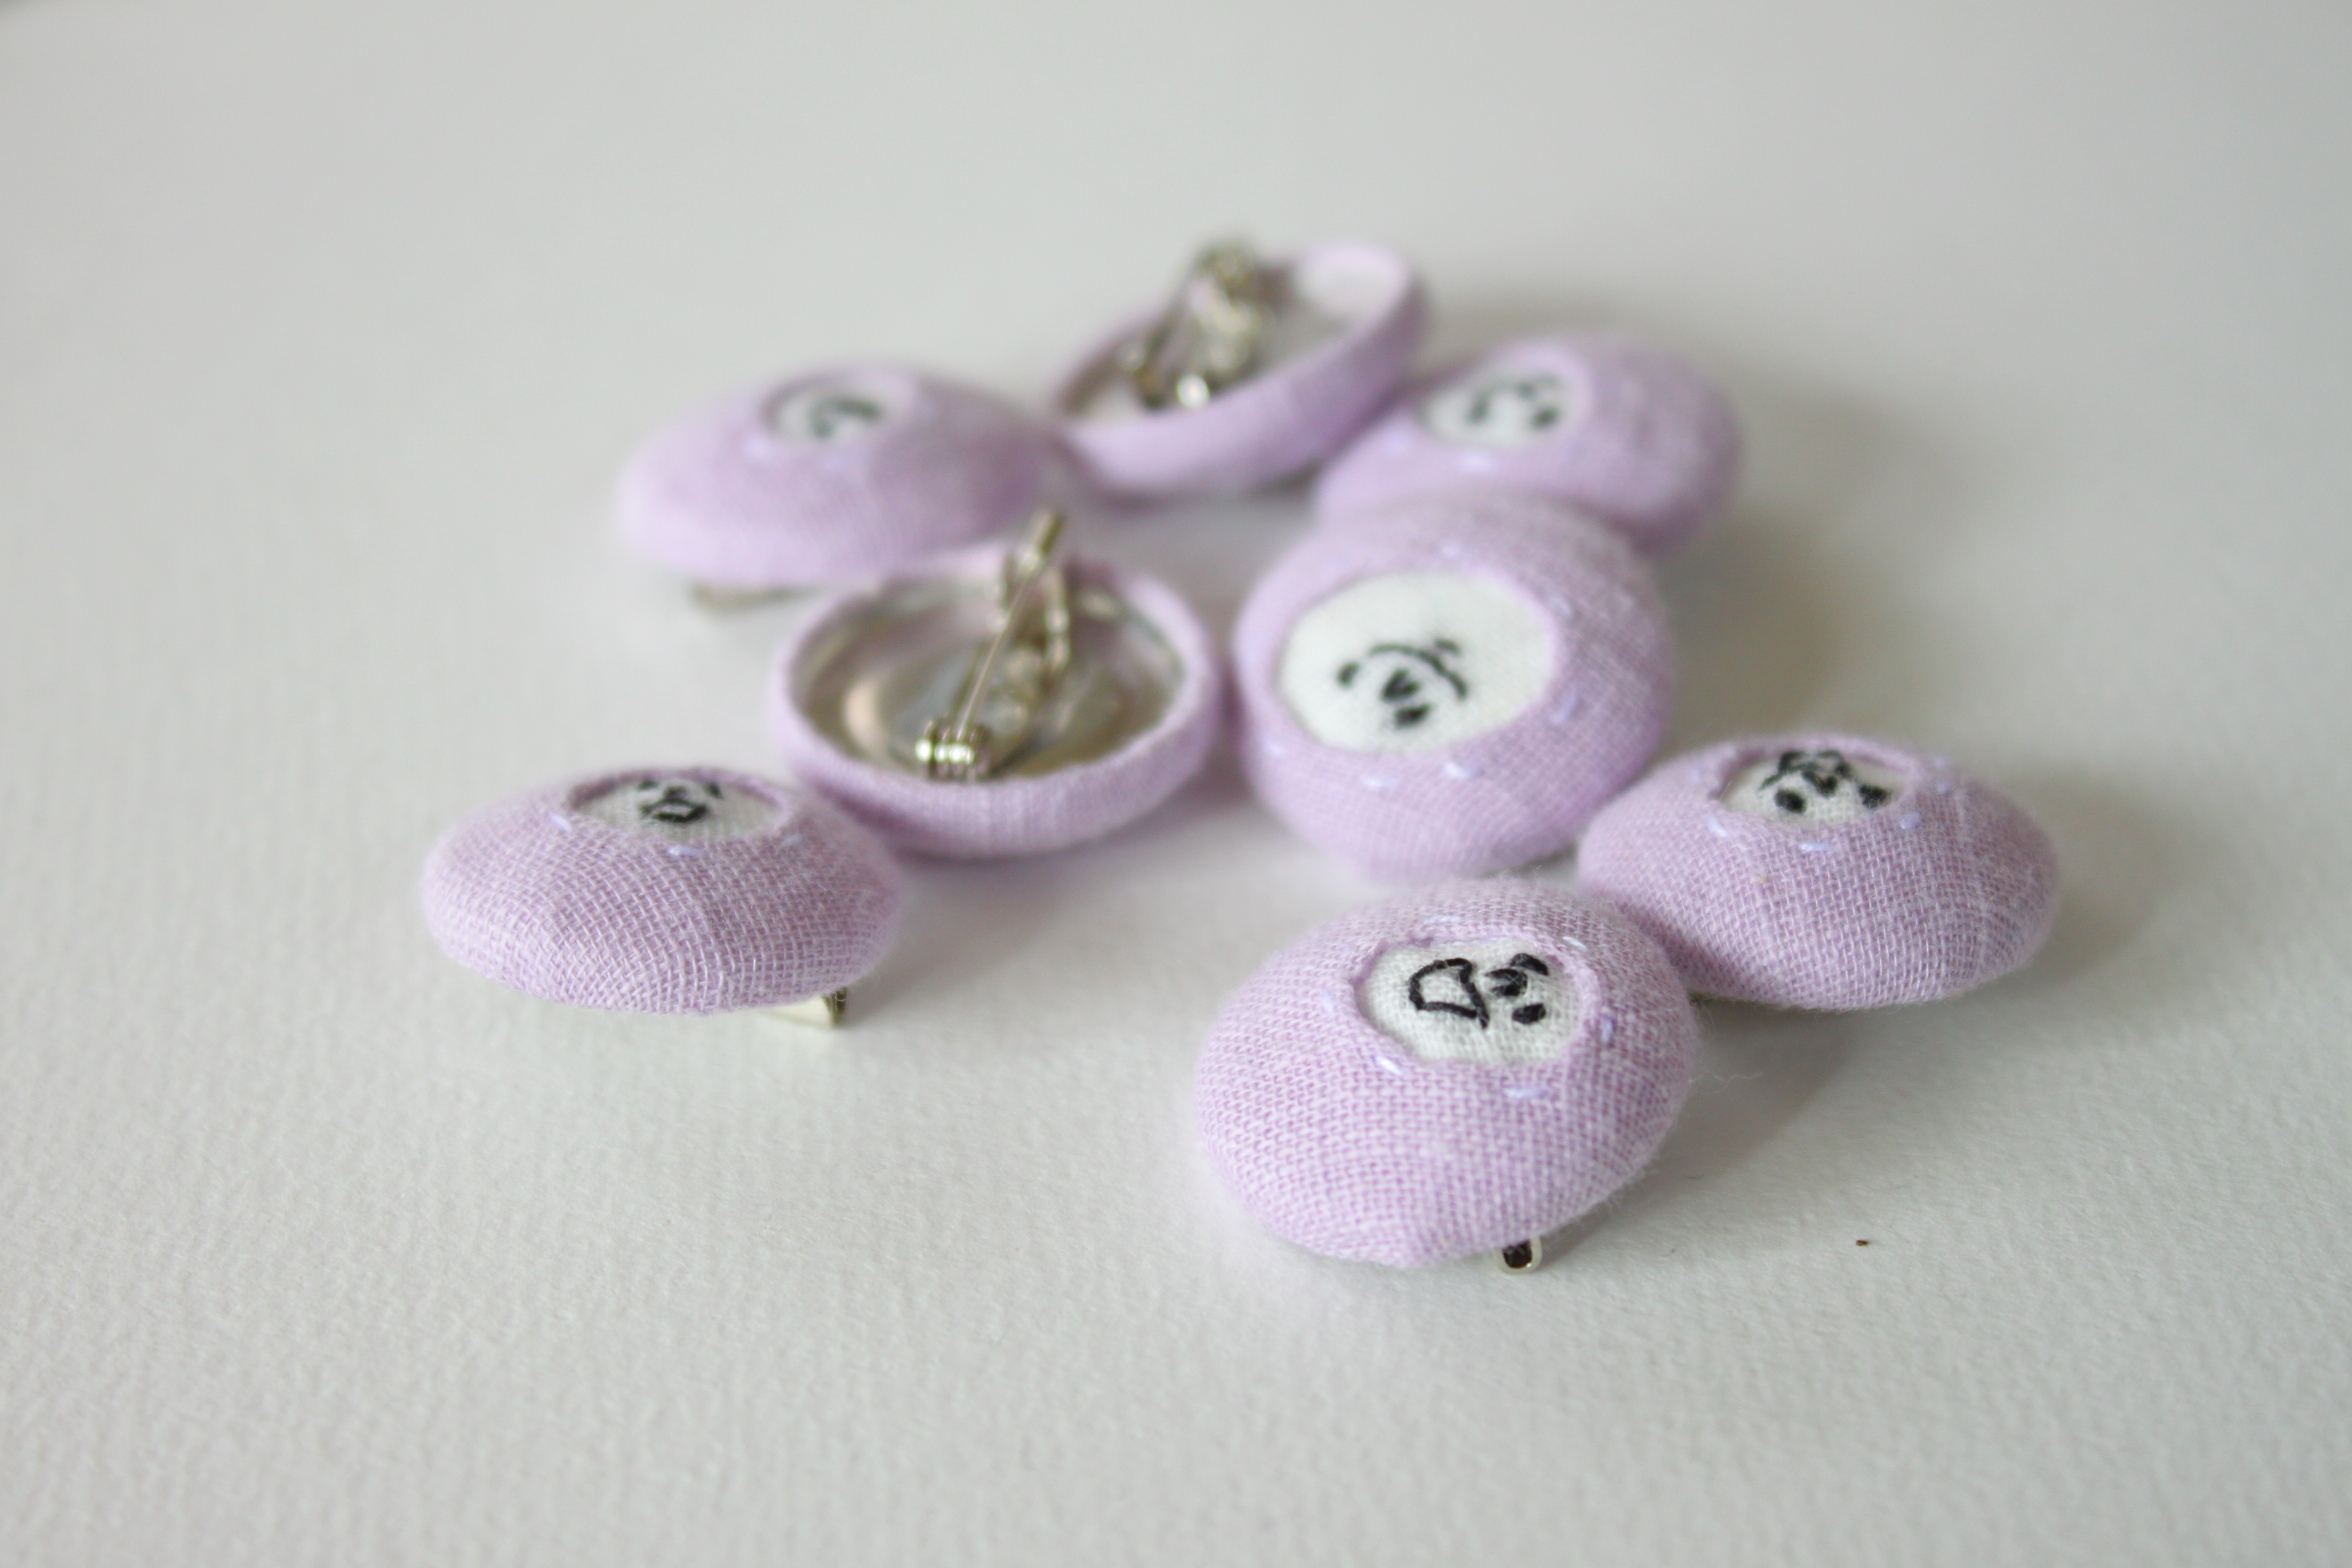 spica.g 顔のブローチ・22mm ・Light purple